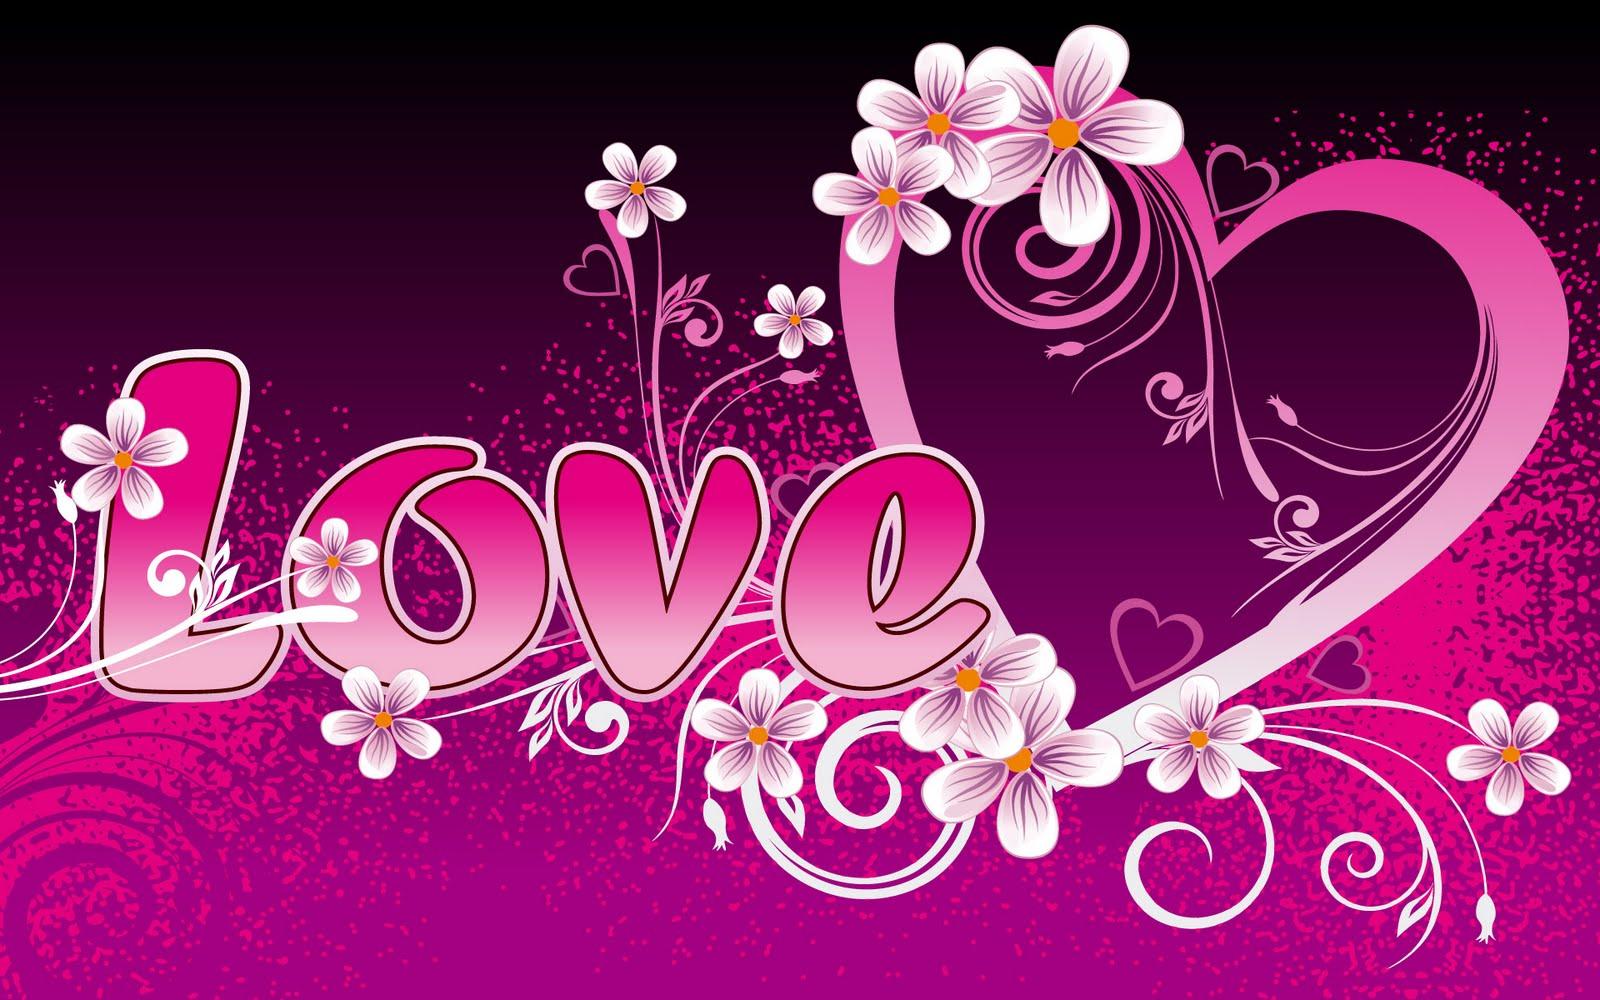 ilona wallpapers 10 romantic - photo #10